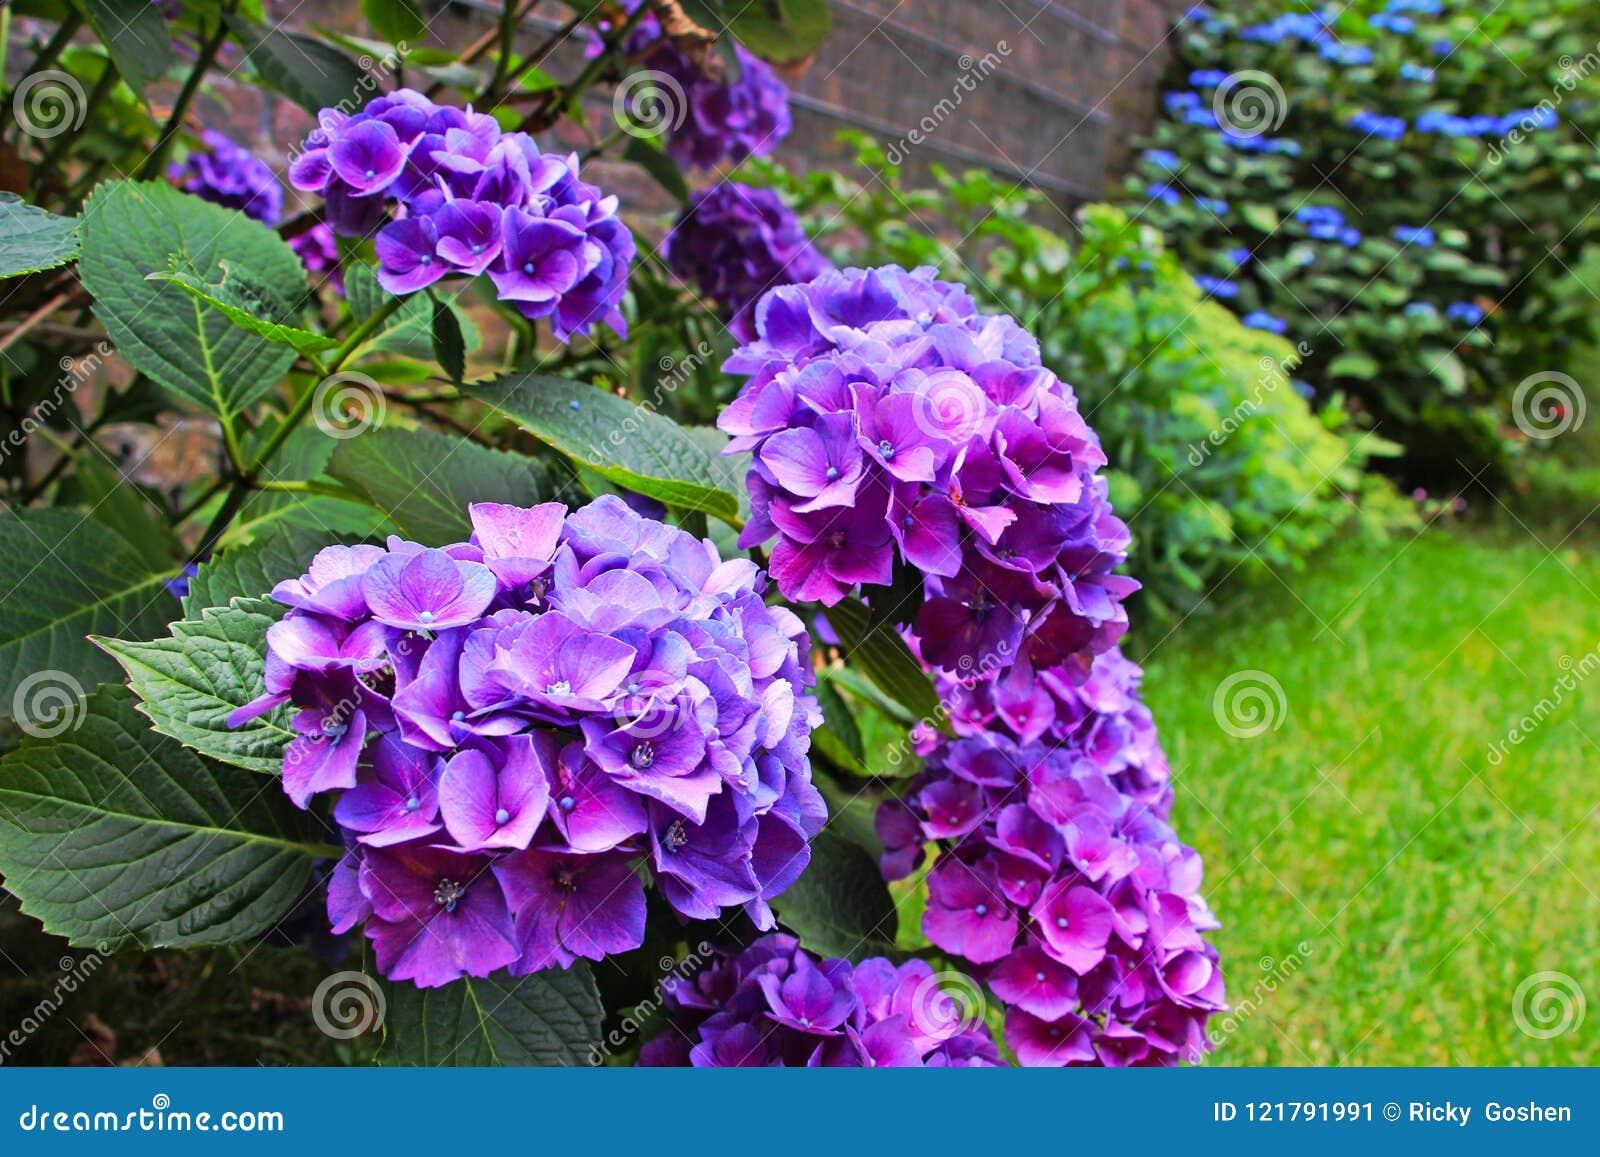 Purpurowe hortensje kwitną w ogródzie